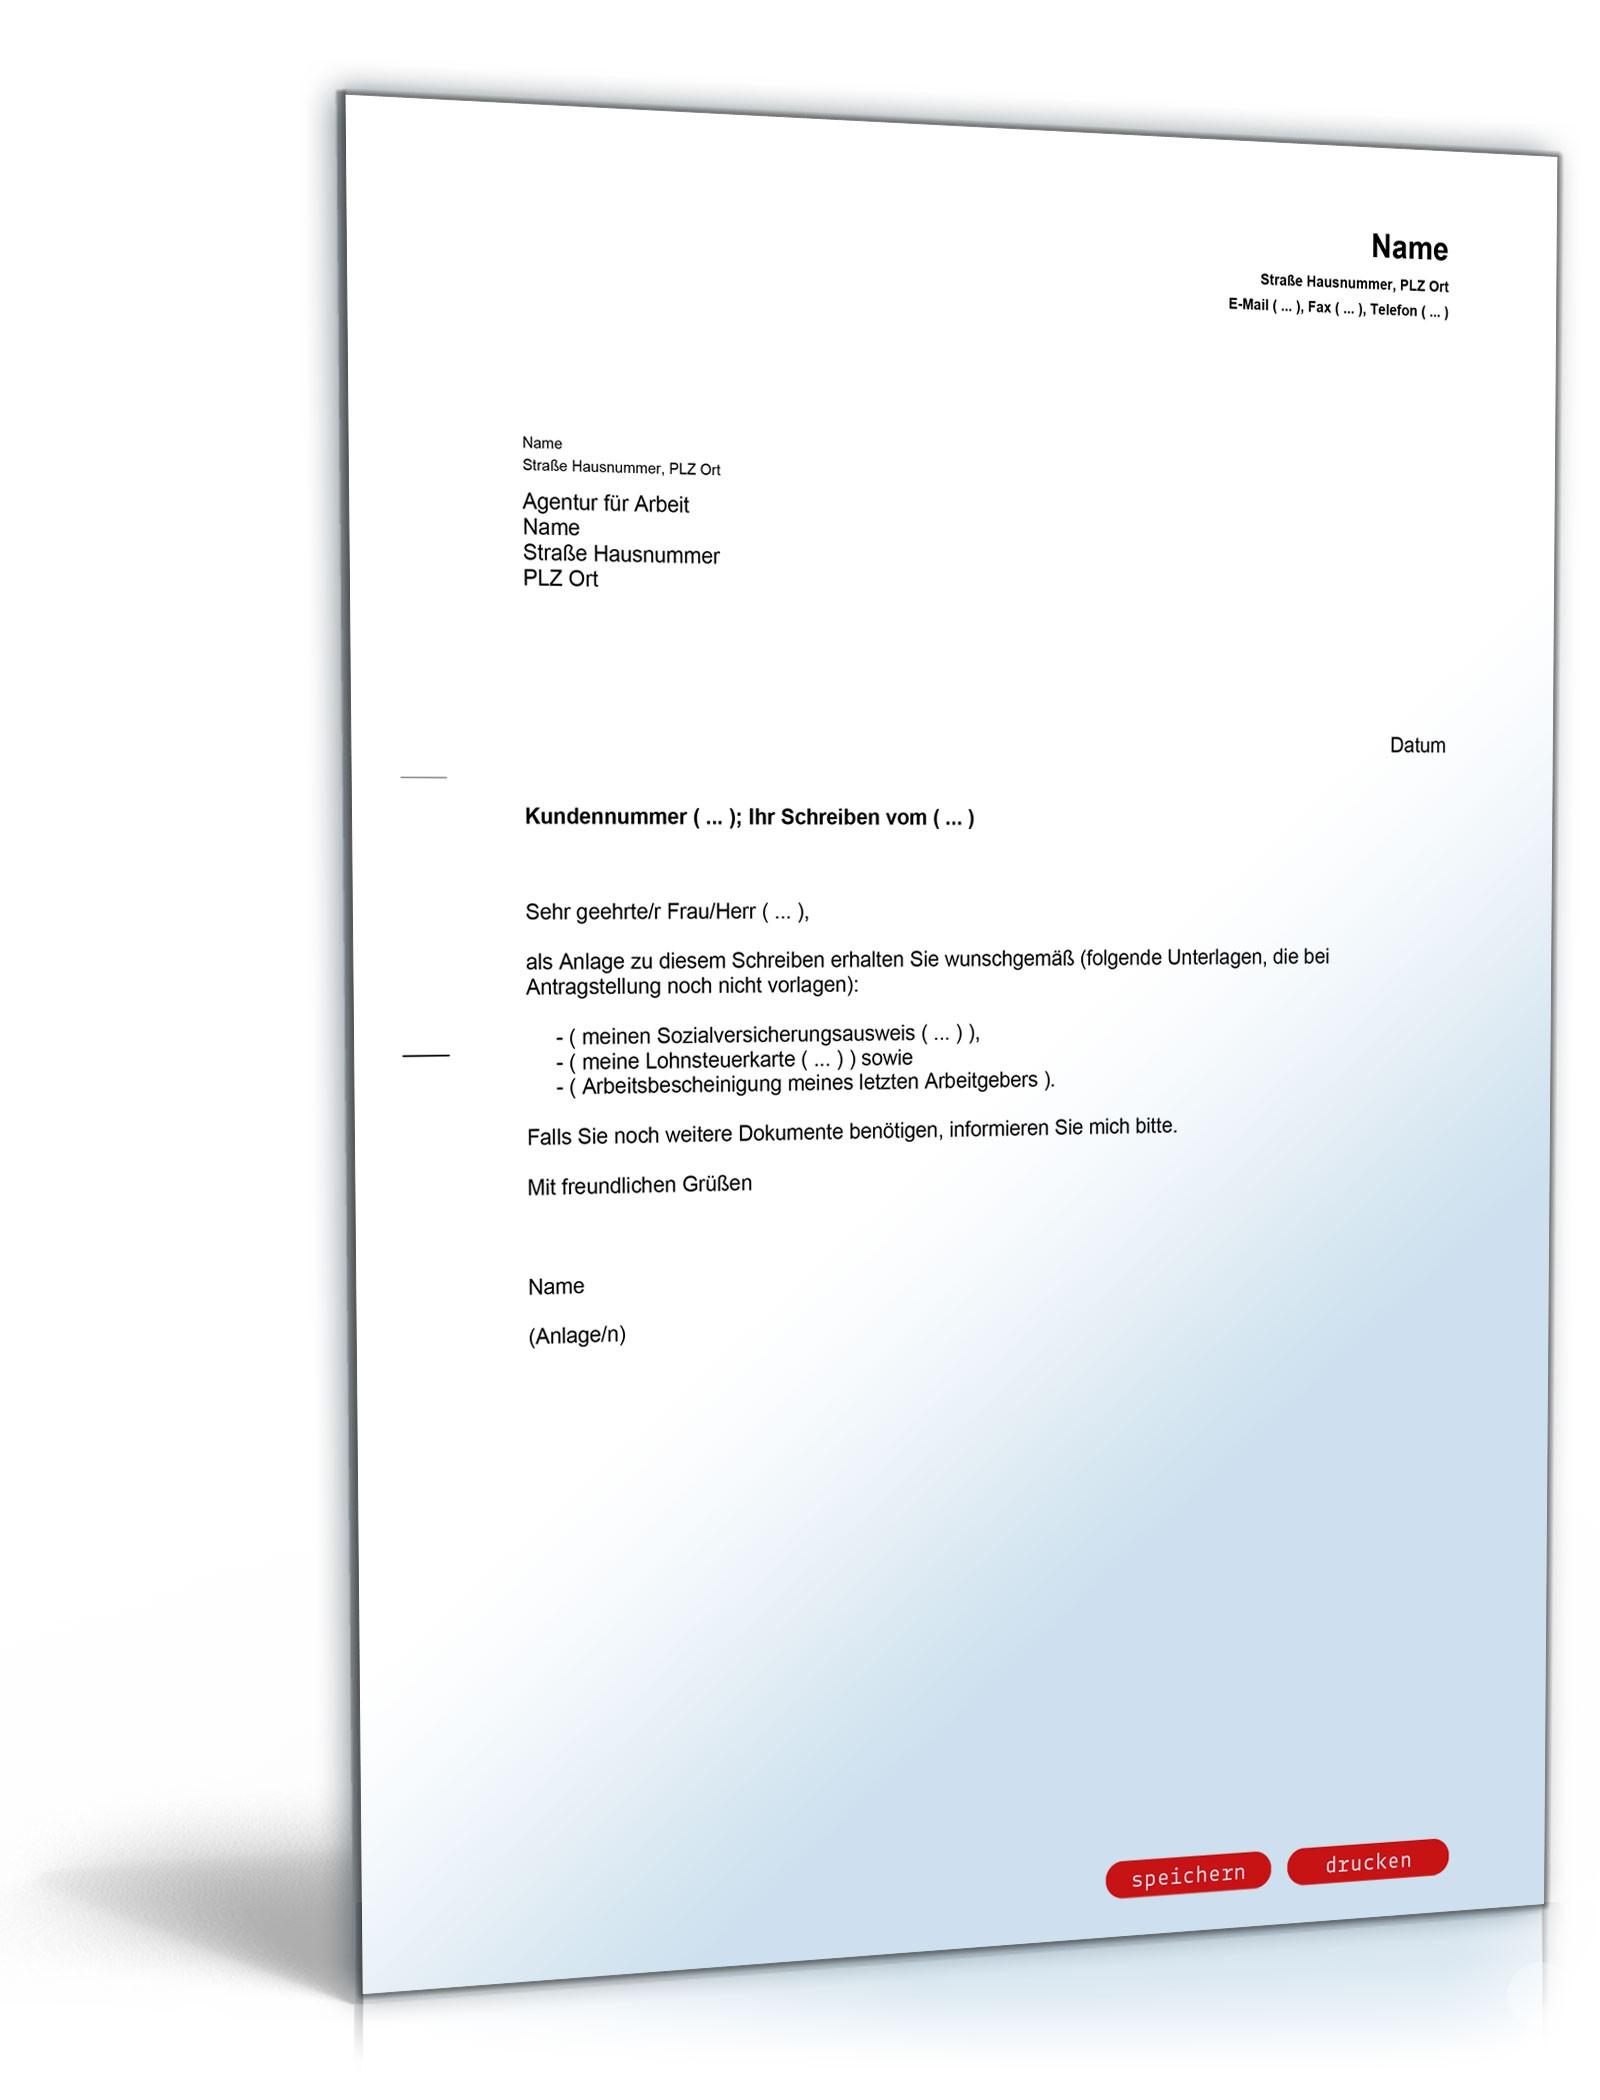 Musterbriefe Unterlagen Schicken : Begleitschreiben bei zusendung von unterlagen muster zum